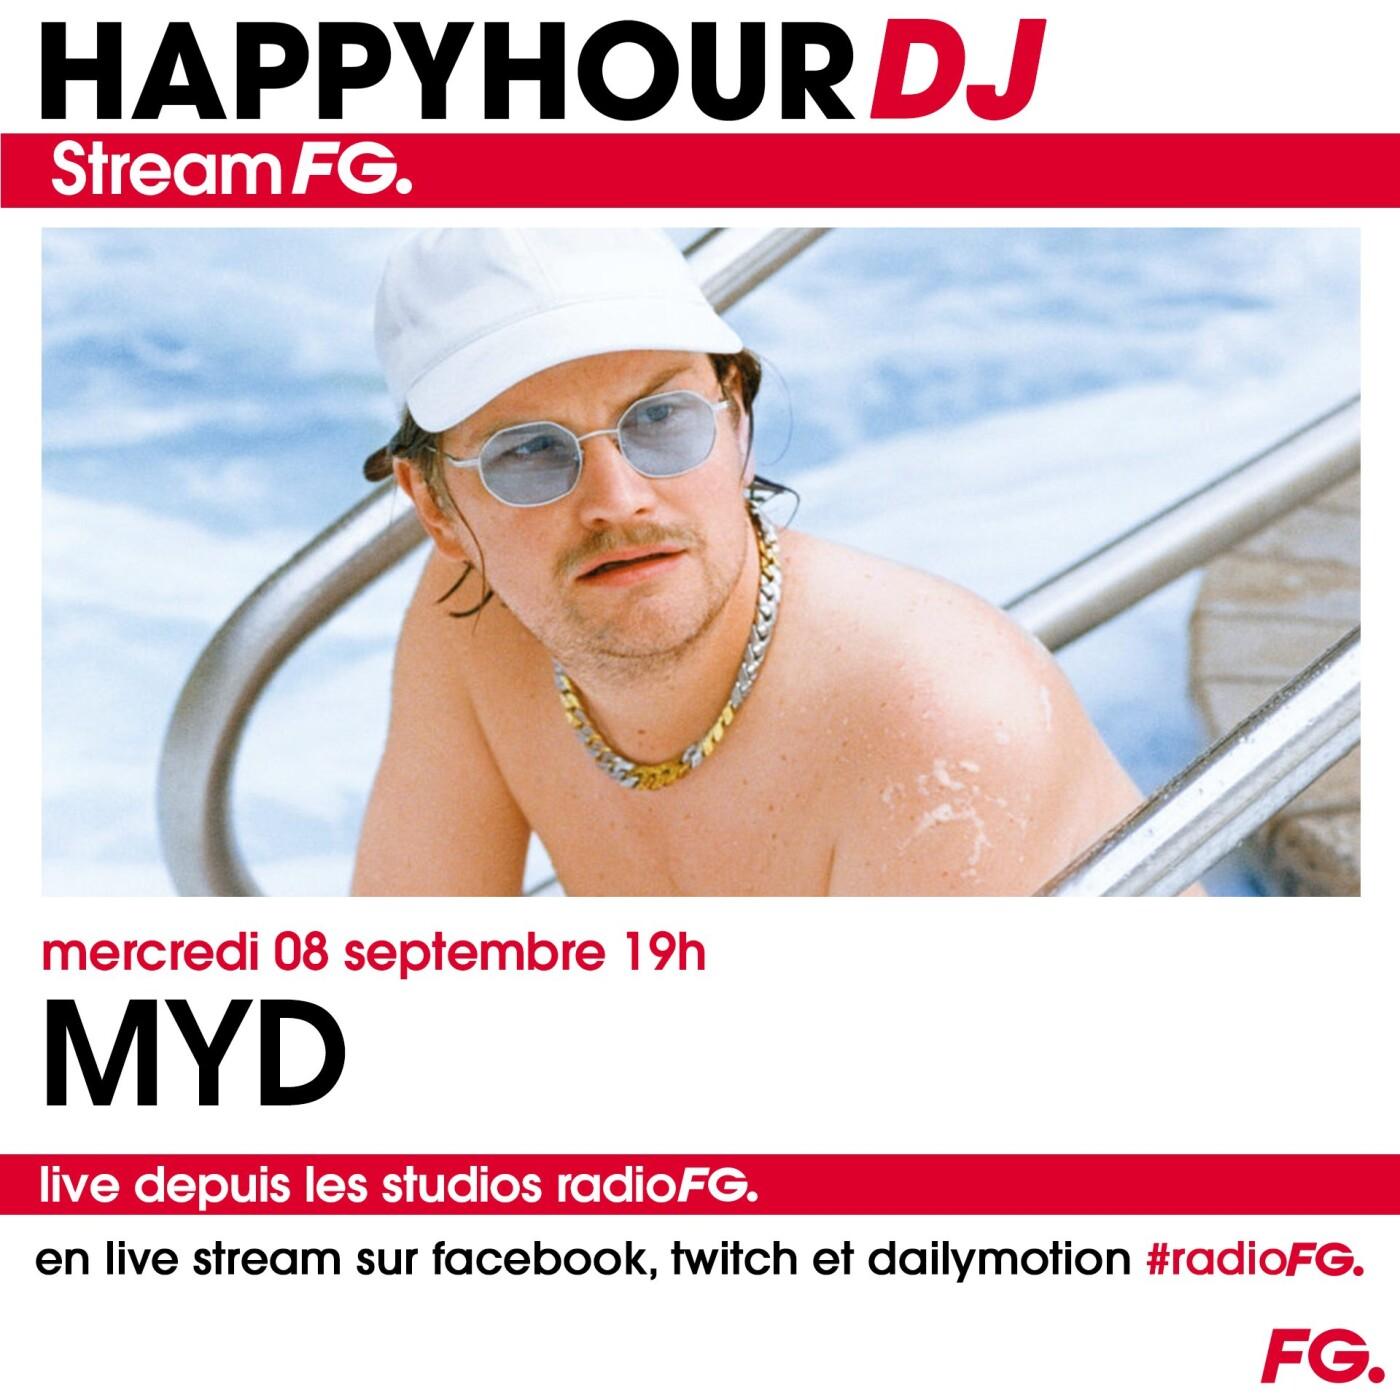 HAPPY HOUR DJ : MYD